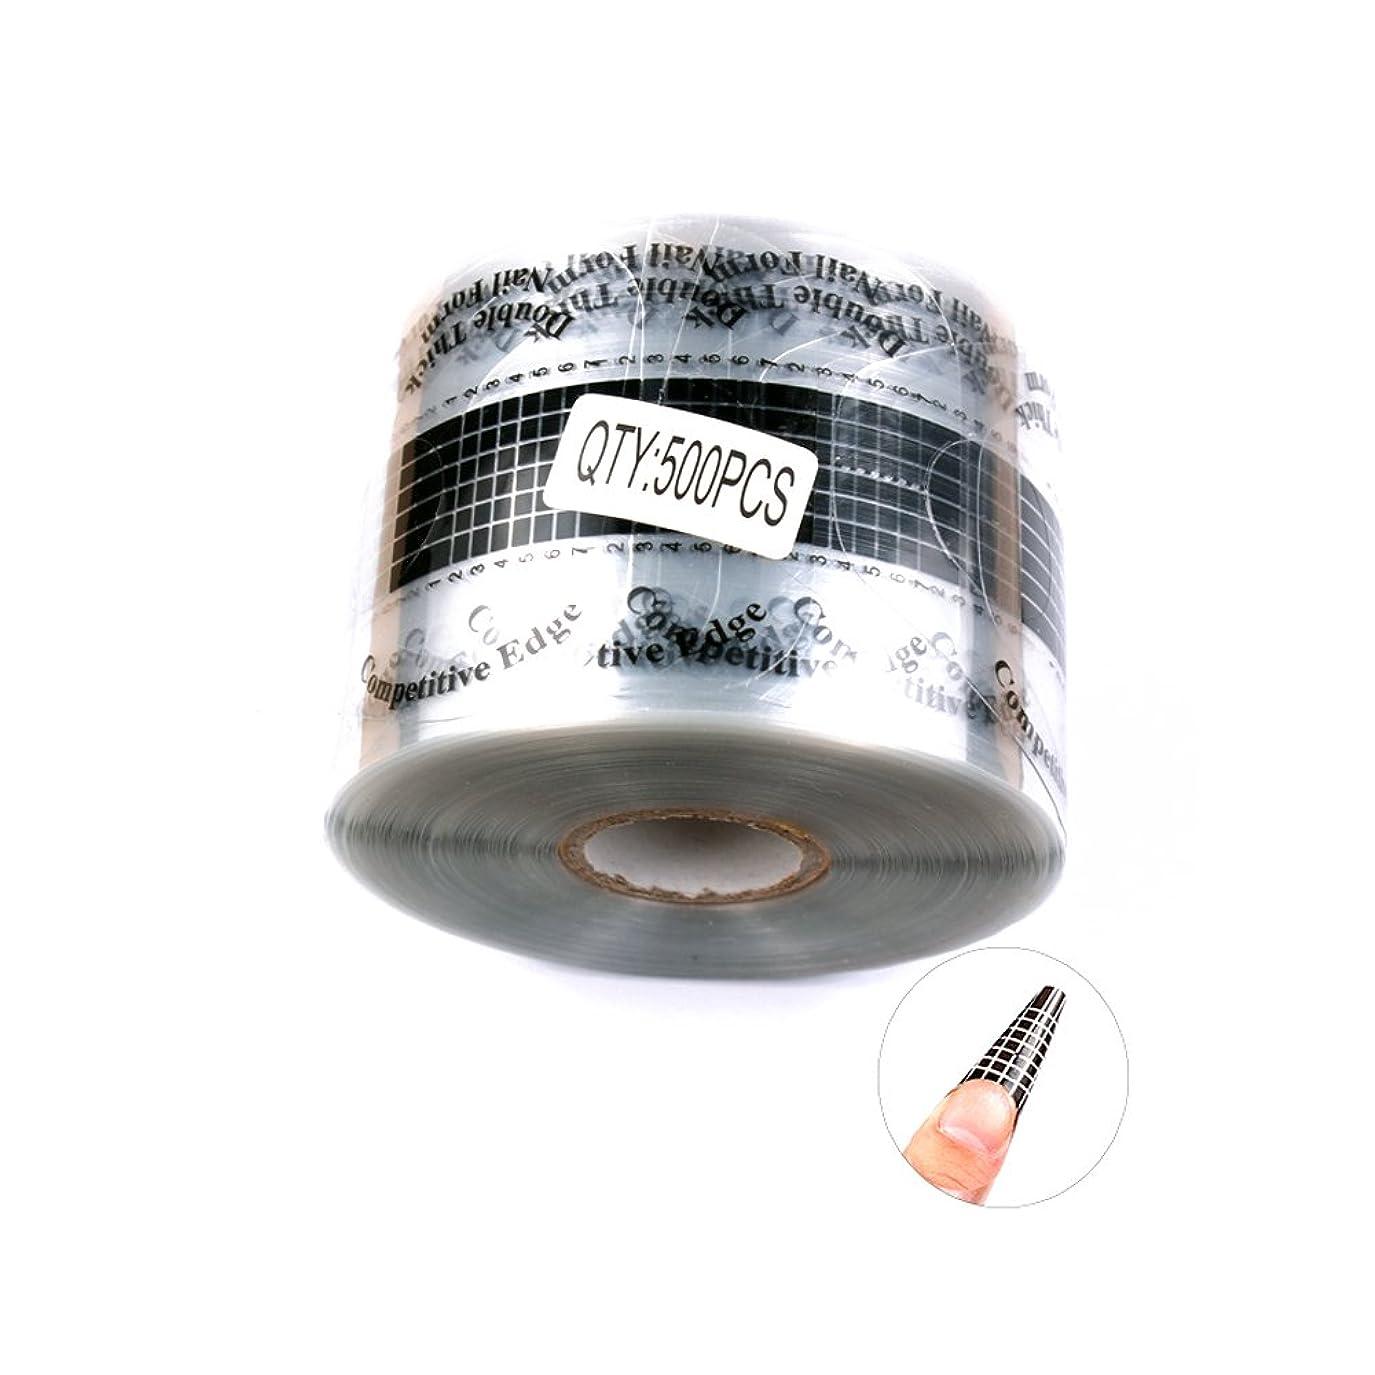 ハロウィン改修する美徳FingerAngel 使い捨てクレアネイルフォーム チェック 500枚 ネイルアートツール ネイルサロン